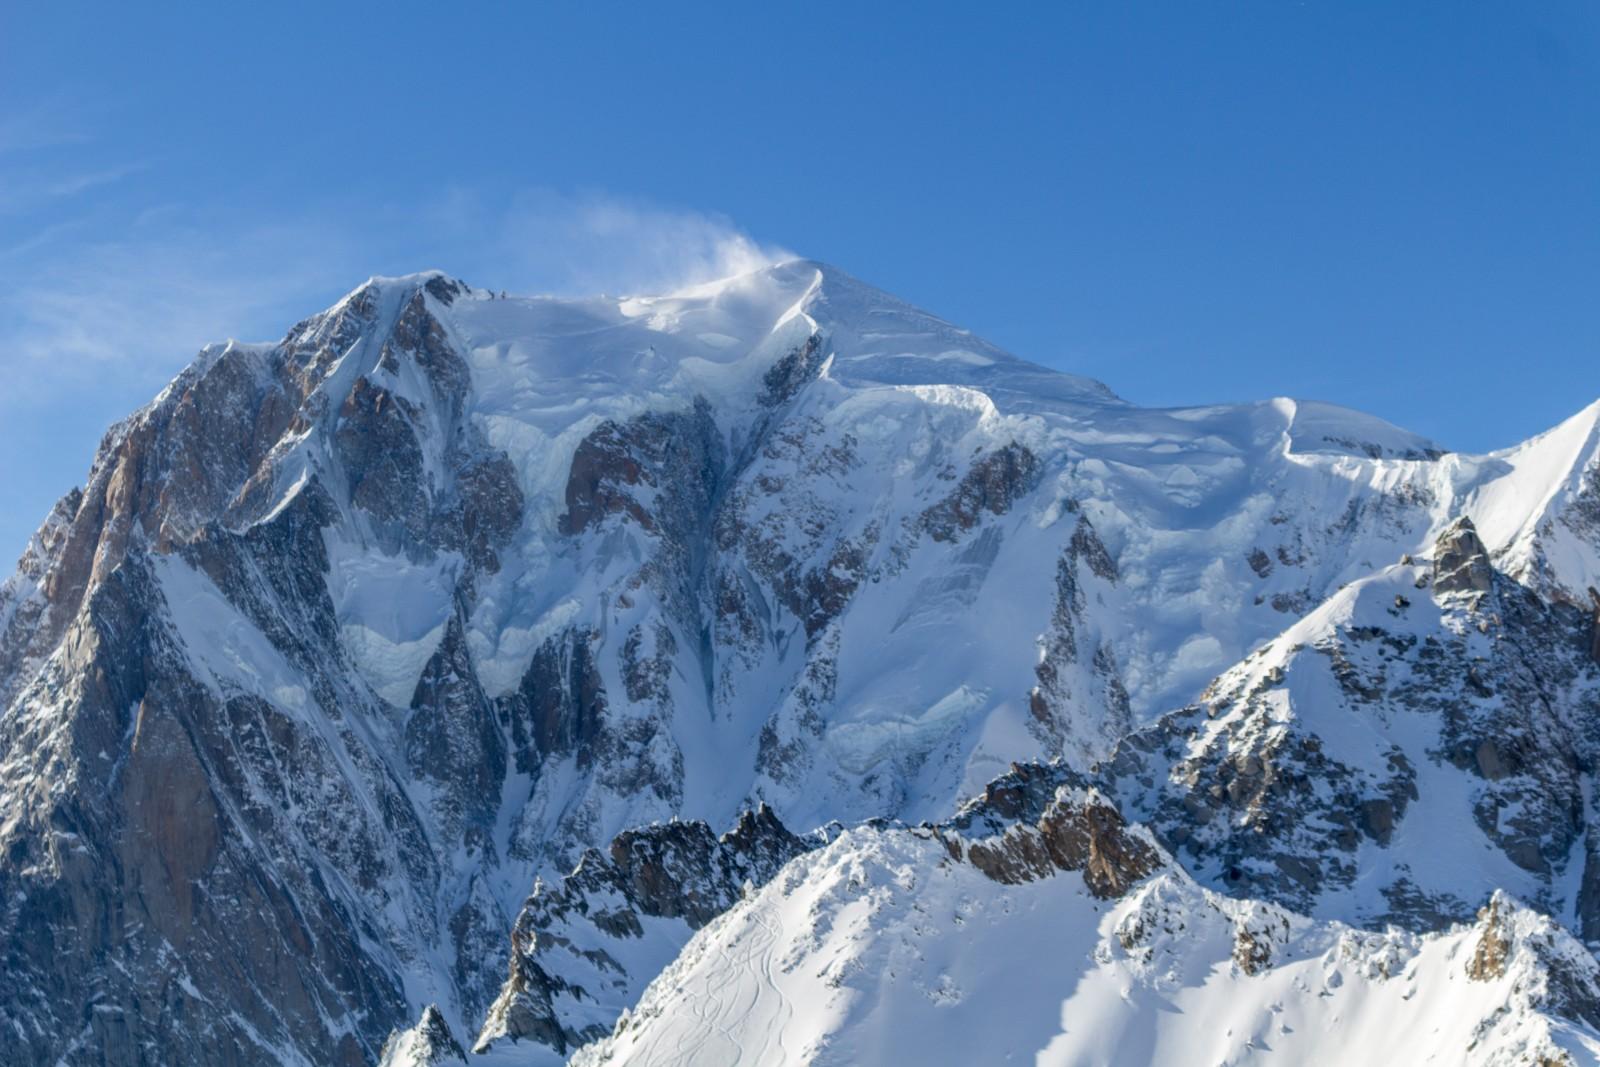 Les 3 bonnes raisons d'aller découvrir la vallée d'Aoste en hiver